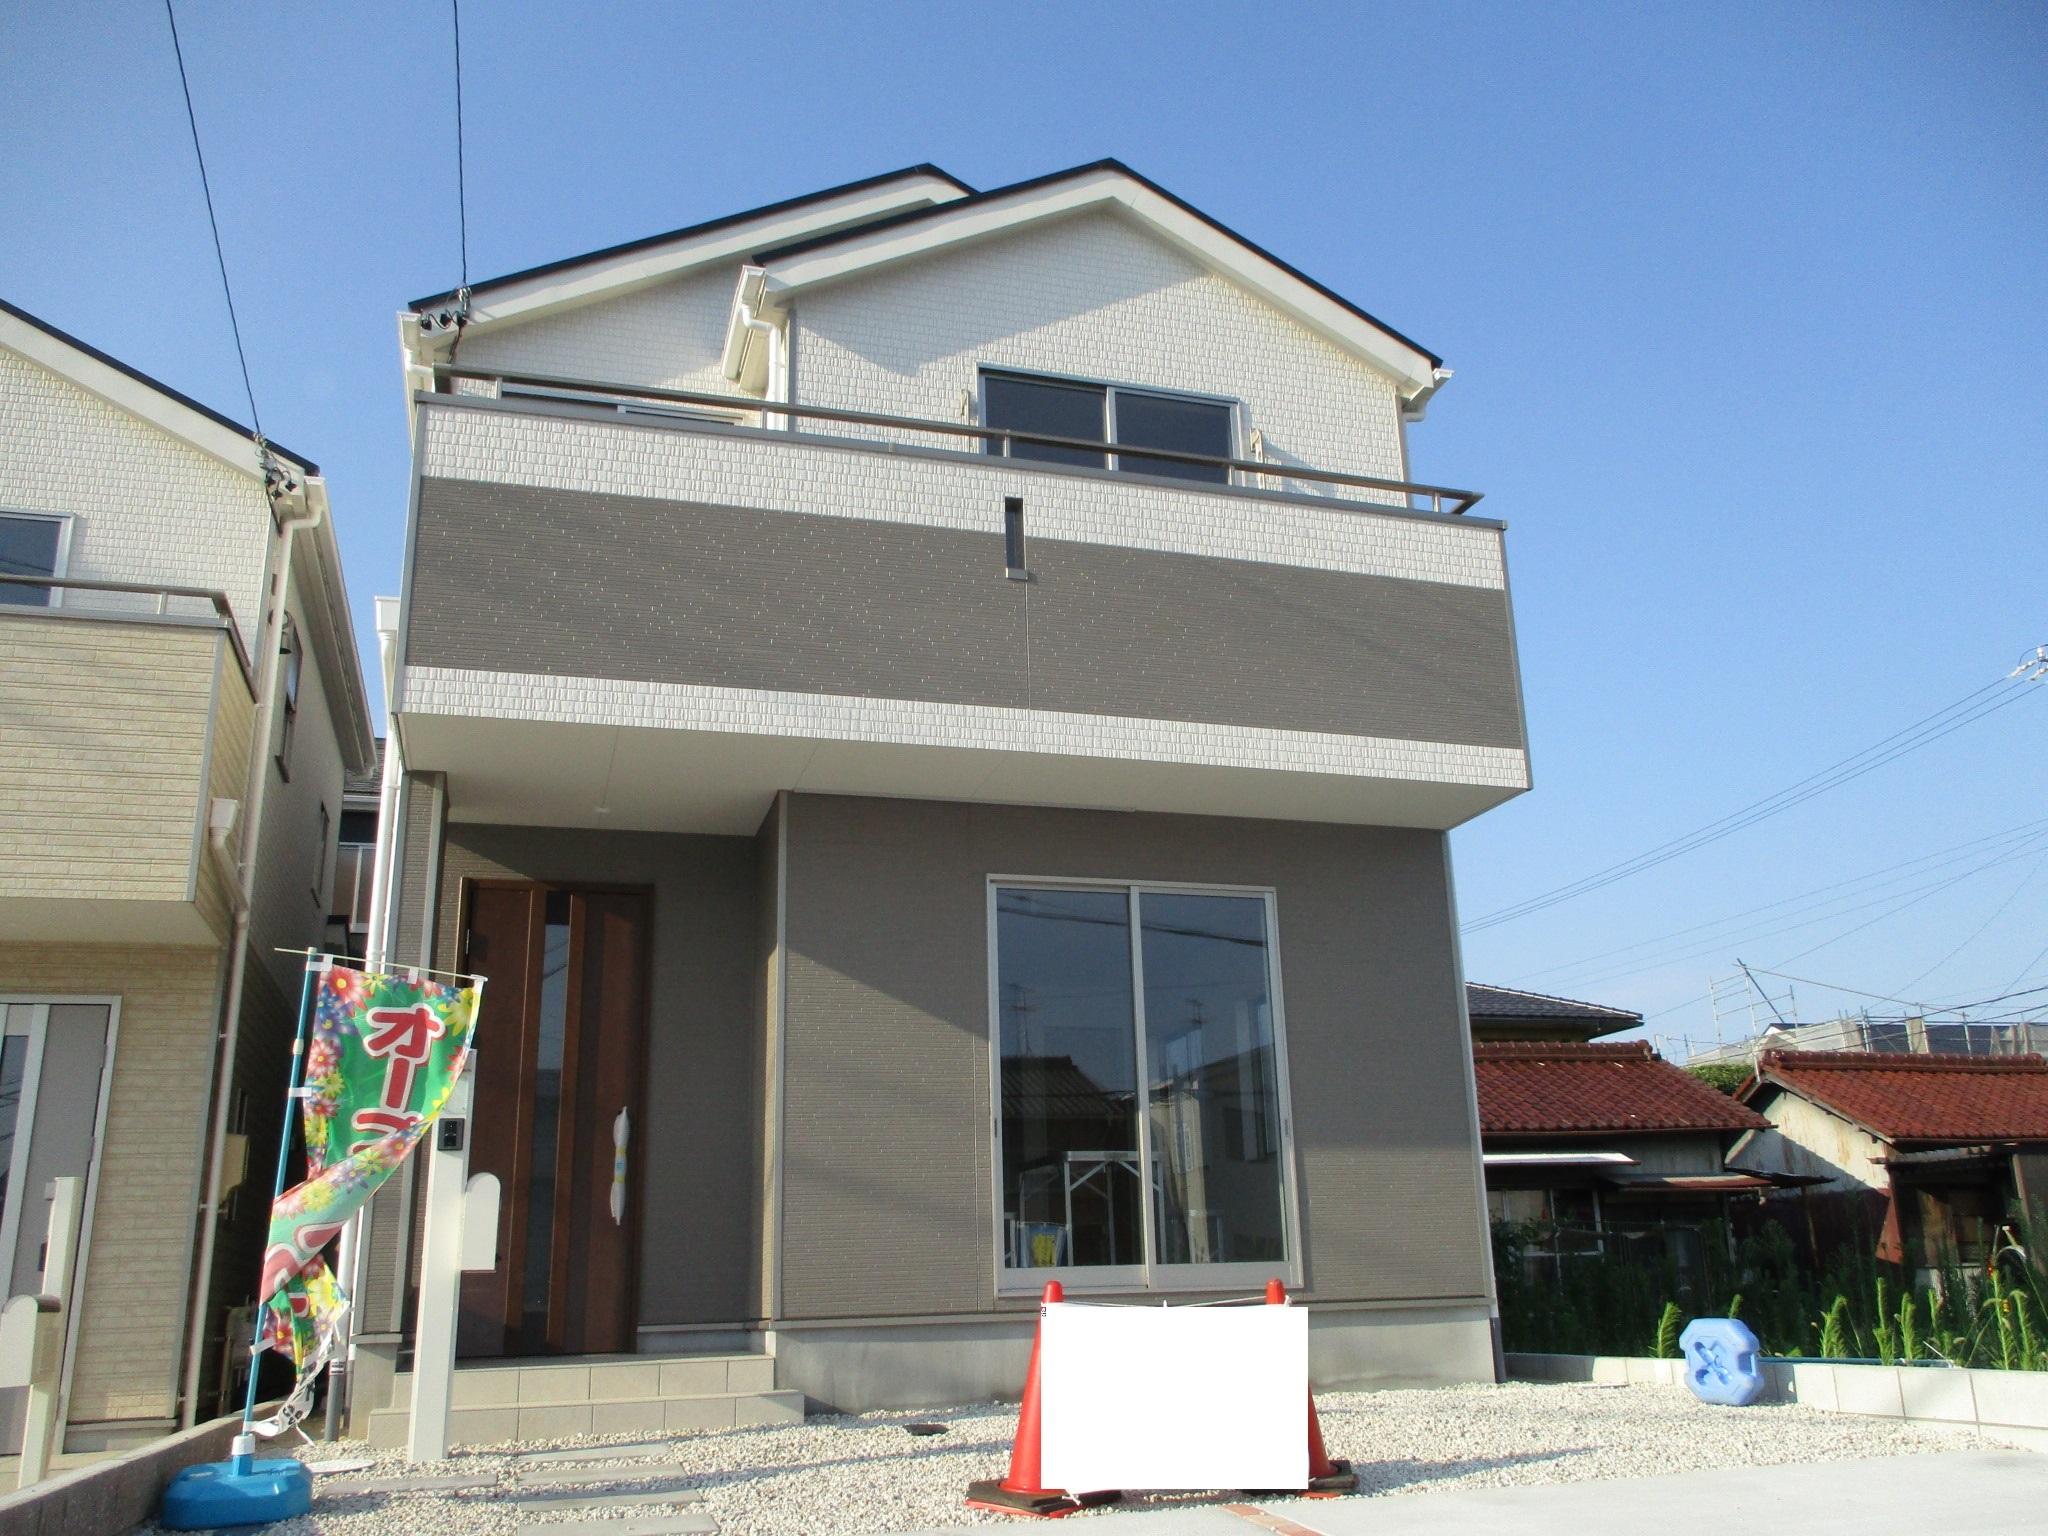 【外観写真】 5/8 写真更新!